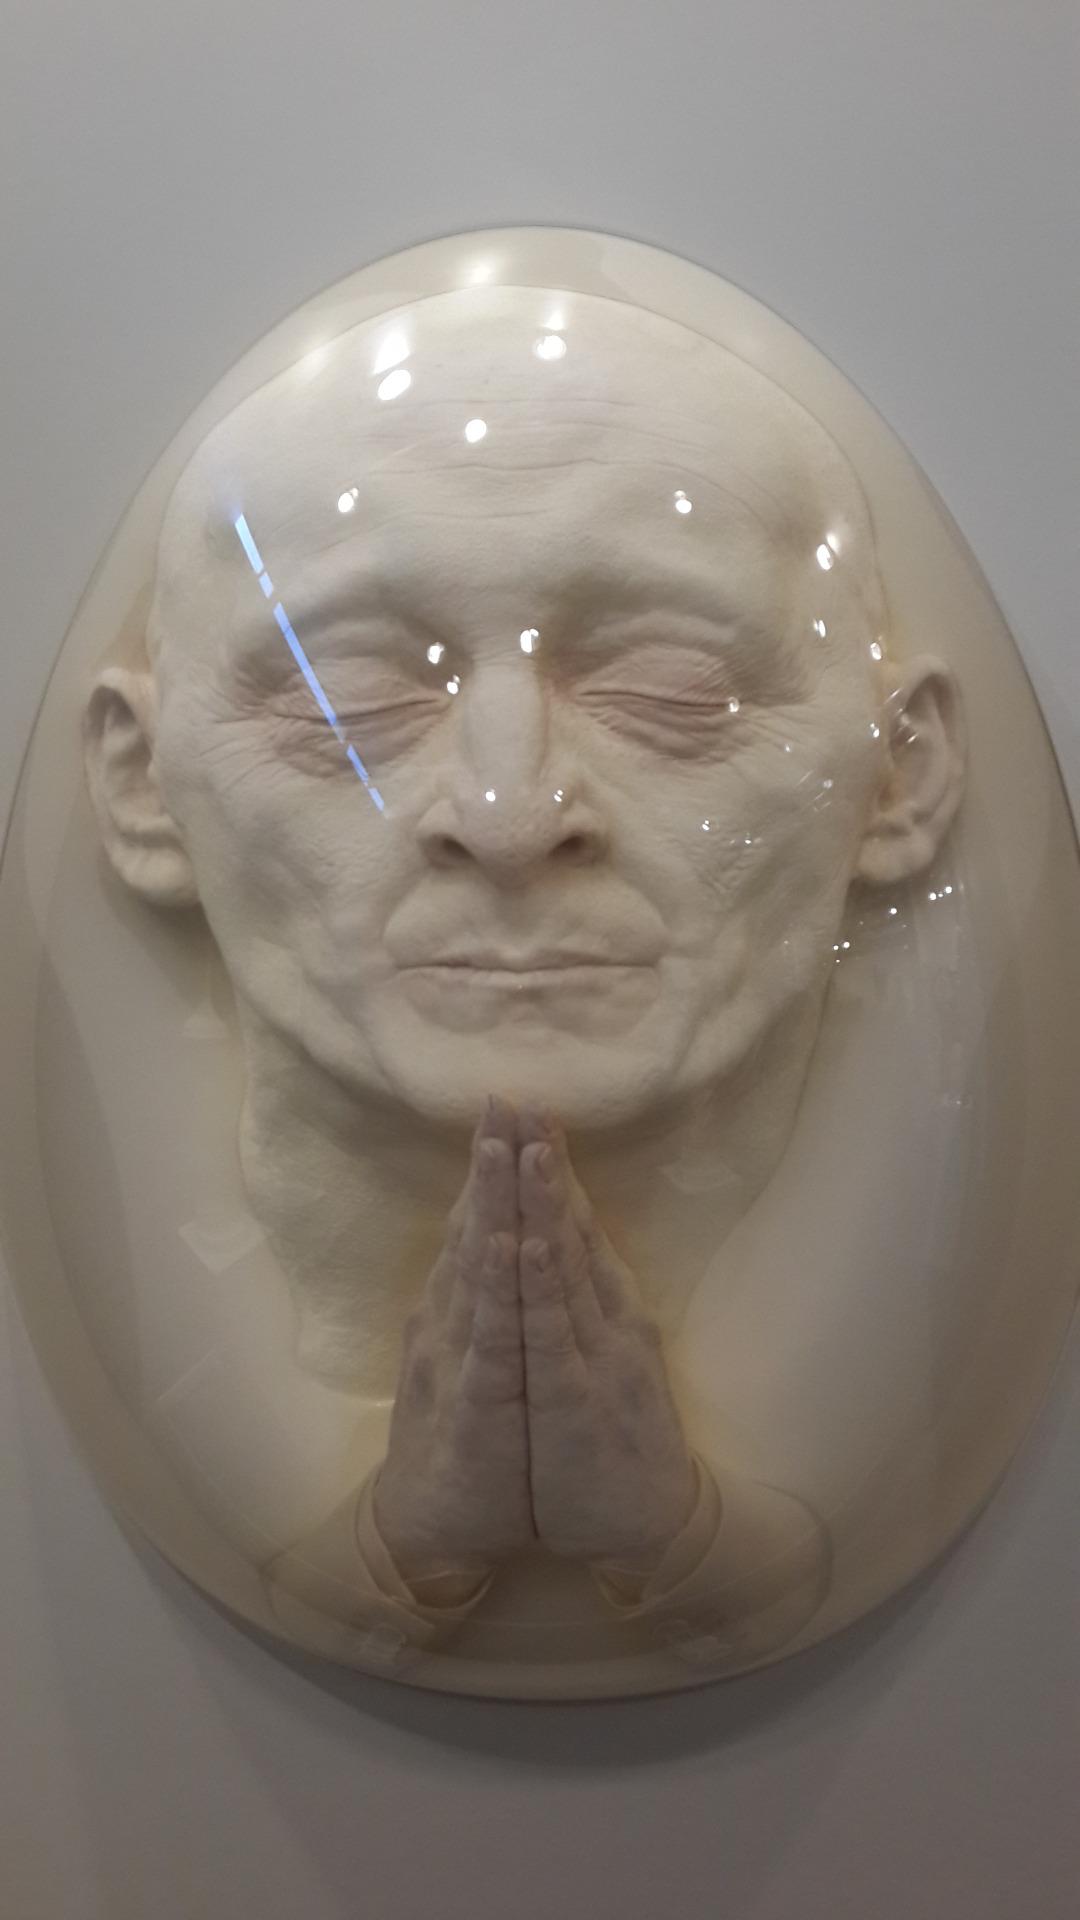 Bahadır Baruter – Sculptures – Fatality Series | Untitled III